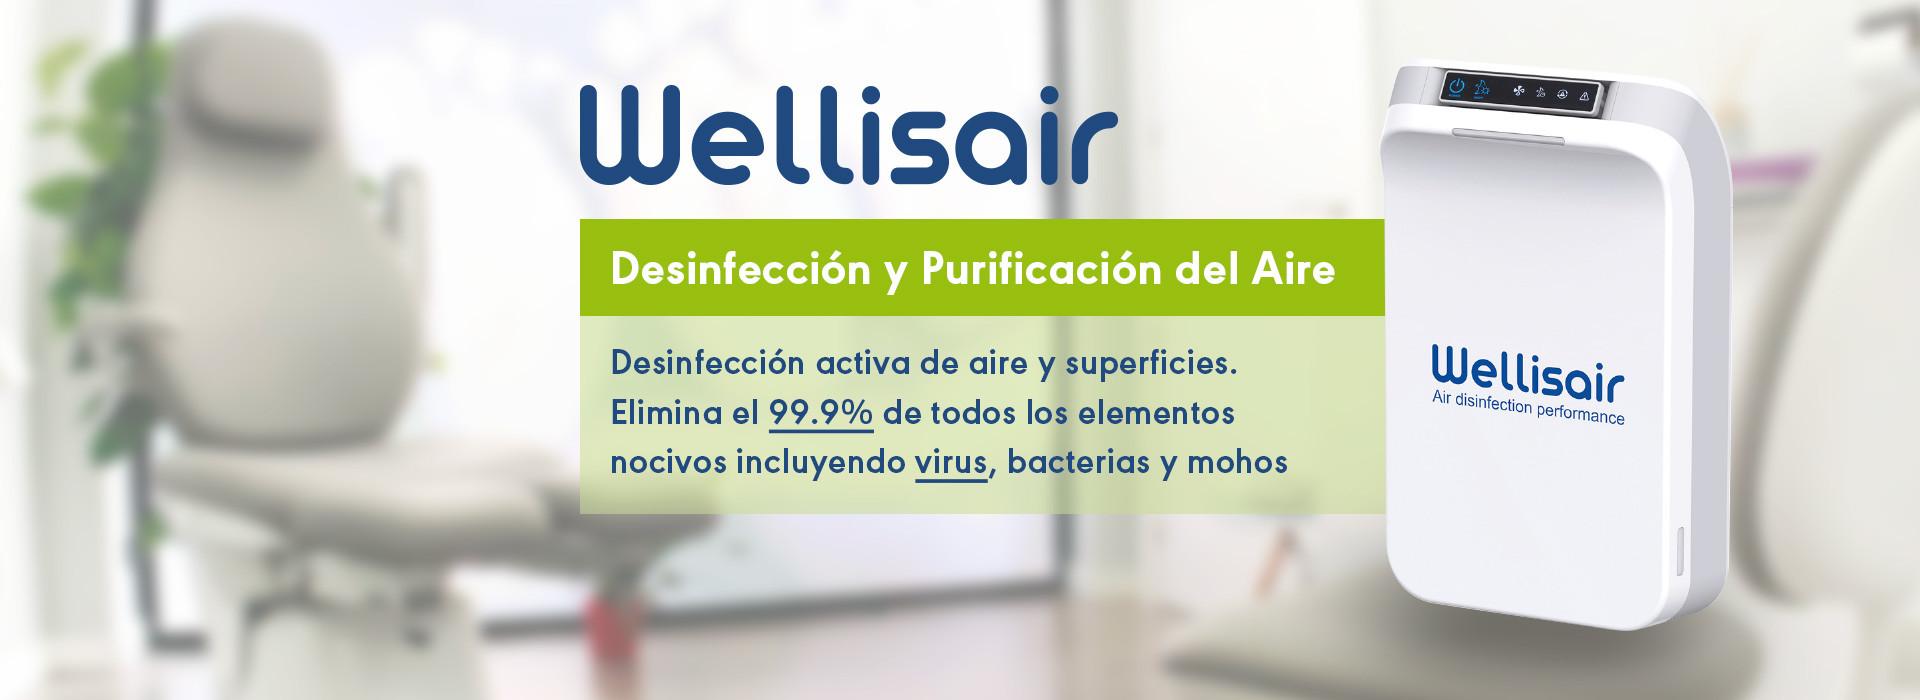 WELLISAIR-DESINFECCIÓN-Y-PURIFICACIÓN